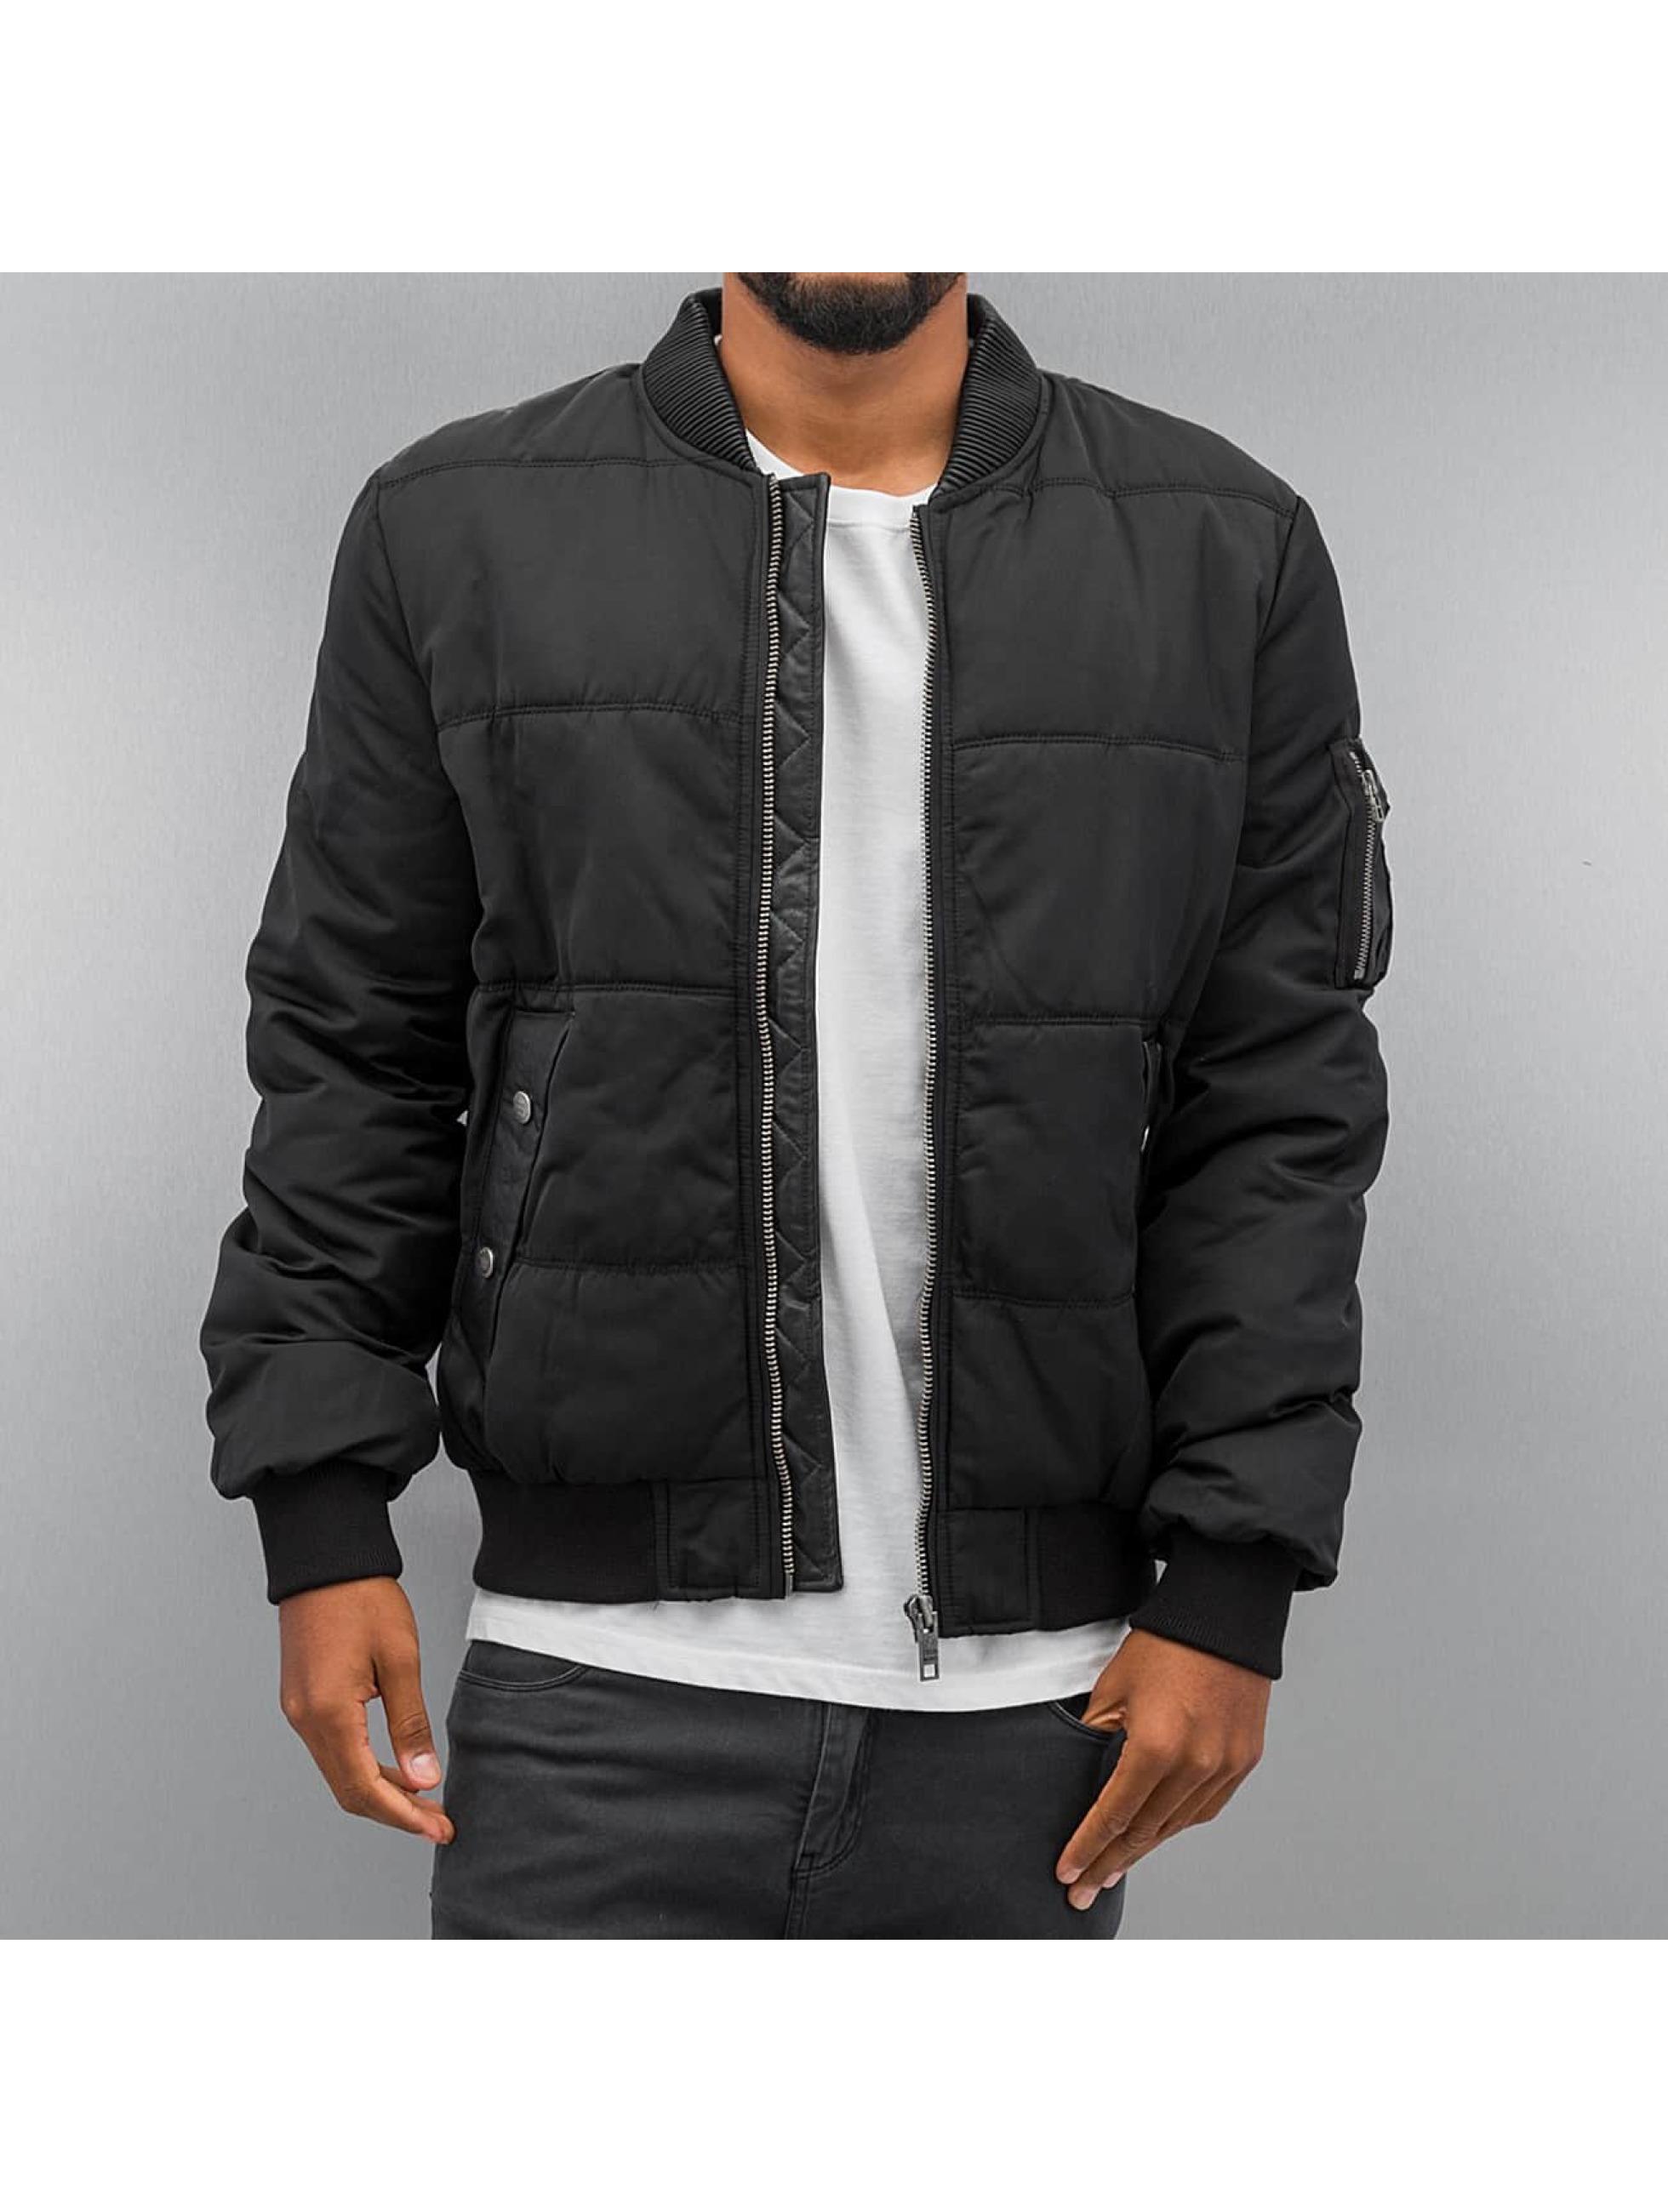 Khujo Bomber jacket Mitch black